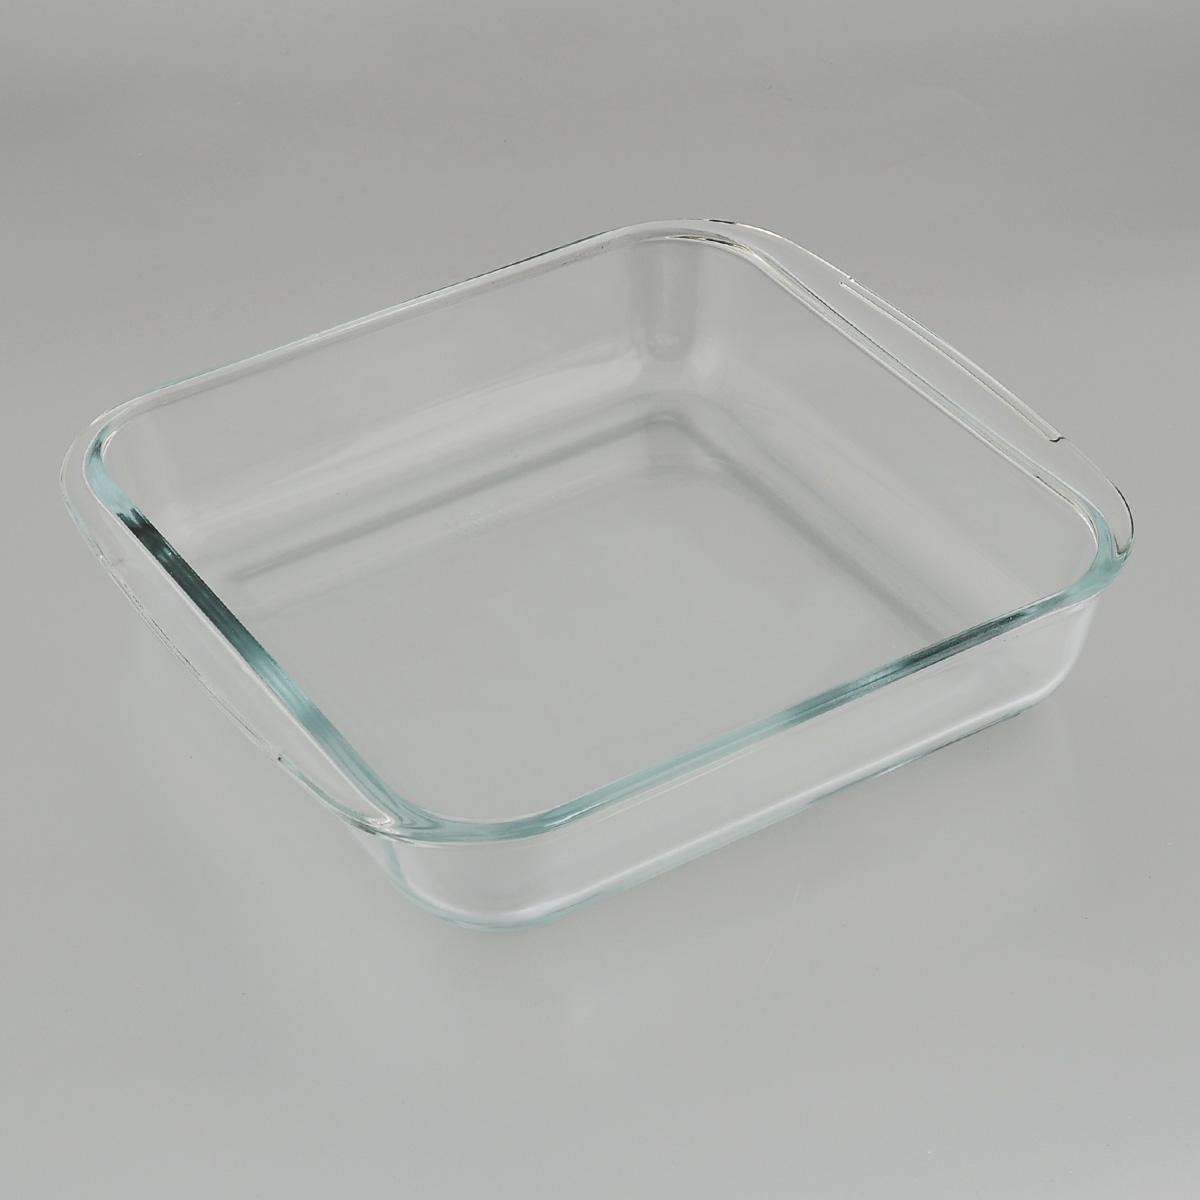 """Квадратная форма для запекания """"Mijotex"""" изготовлена из жаропрочного  стекла,  которое выдерживает температуру до +450°С. Форма предназначена для  приготовления горячих блюд. Оснащена двумя ручками. Материал изделия  гигиеничен, прост в уходе и обладает высокой степенью прочности.  Форма идеально подходит для использования в духовках, микроволновых печах,  холодильниках и морозильных камерах. Также ее можно использовать на газовых  плитах (на слабом огне) и на электроплитах. Можно мыть в посудомоечной  машине. Внутренний размер формы: 21 см х 21 см. Внешний размер формы (с учетом ручек): 25 см х 22 см.  Высота стенки формы: 5 см."""